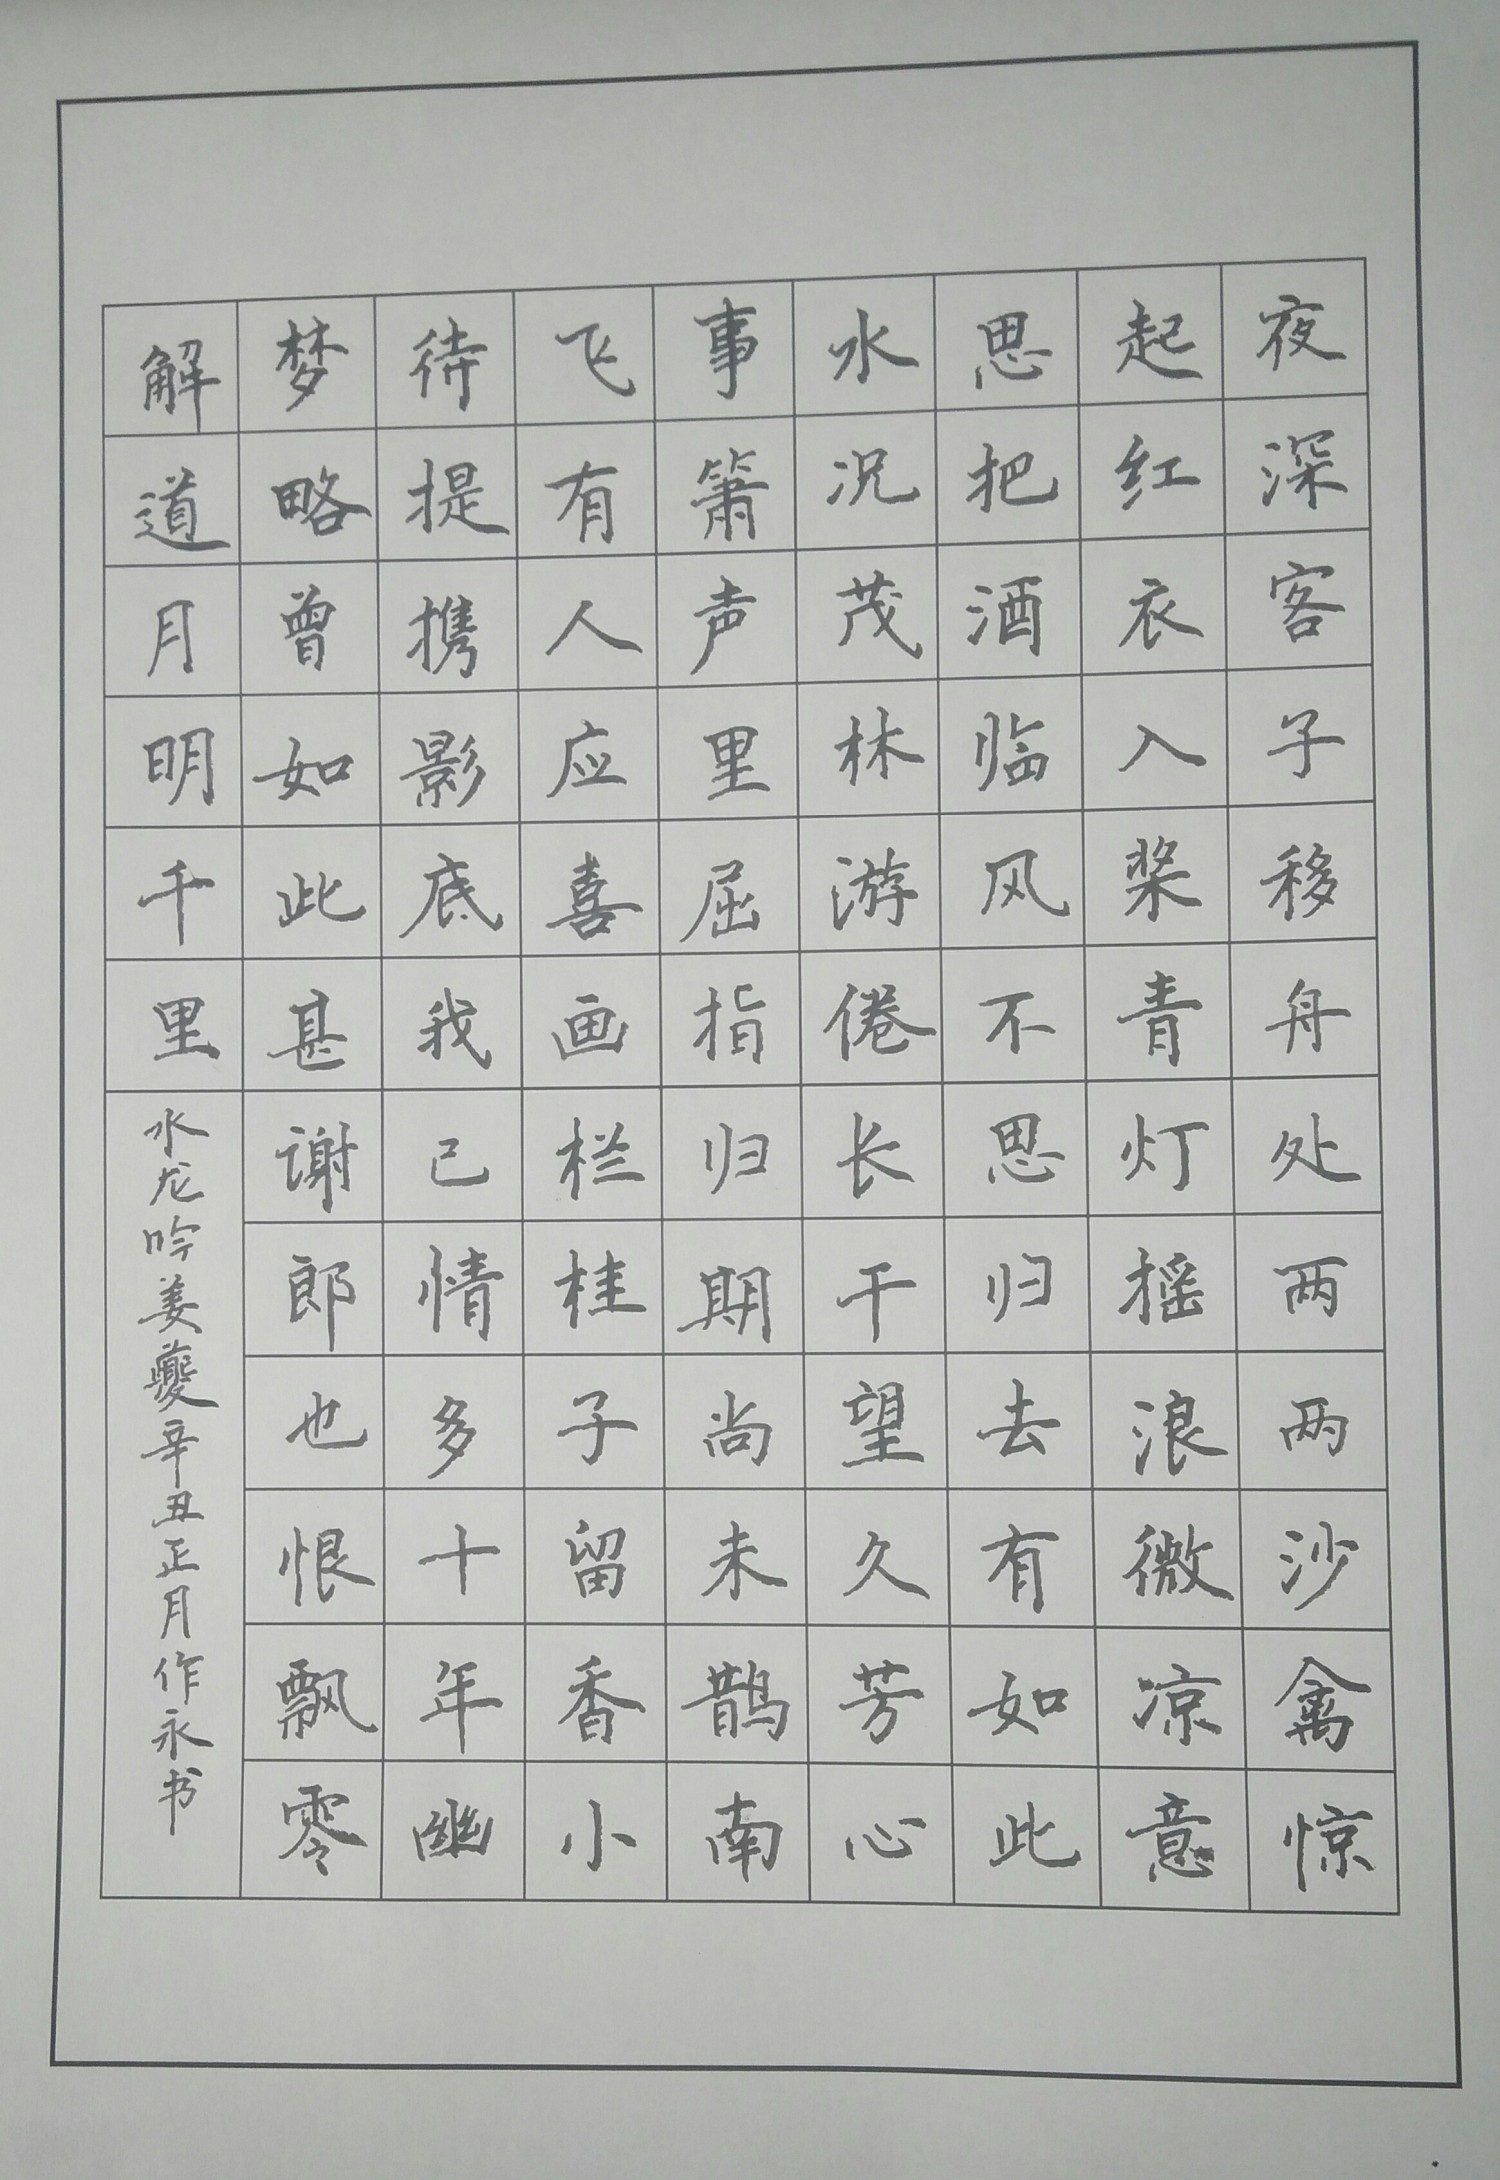 钢笔爱好者练字打卡20210309-21